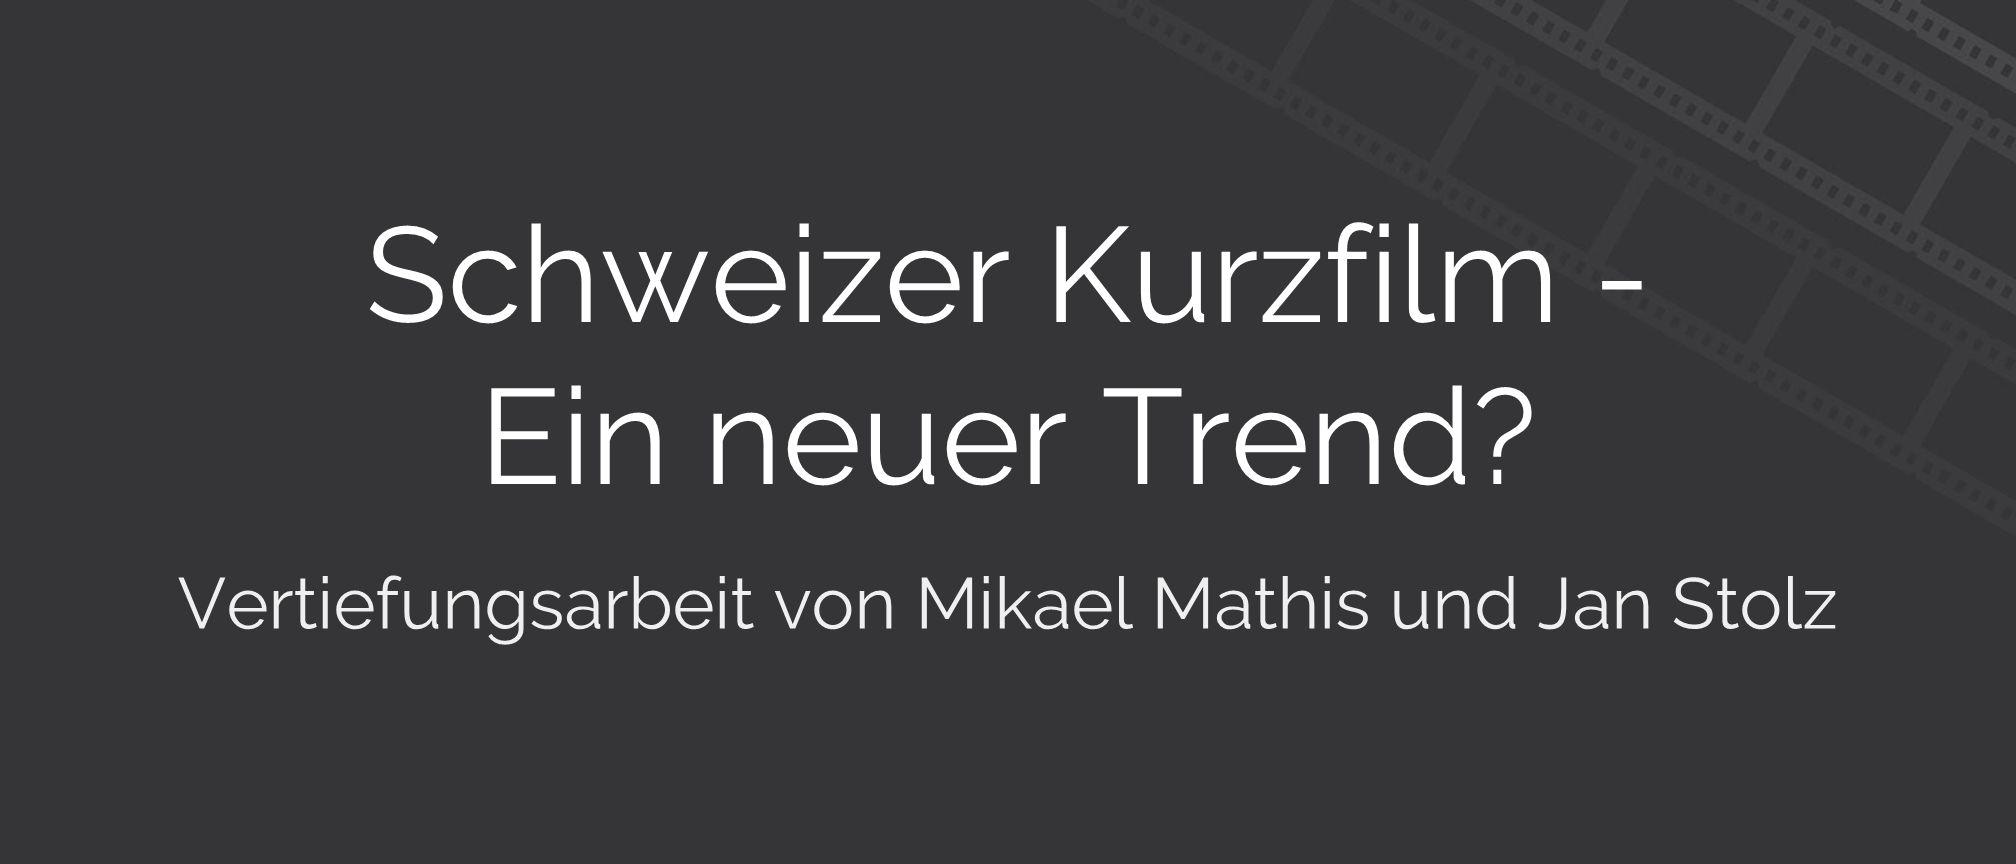 Schweizer Kurzfilm - Ein neuer Trend Vertiefungsarbeit von Mikael Mathis und Jan Stolz